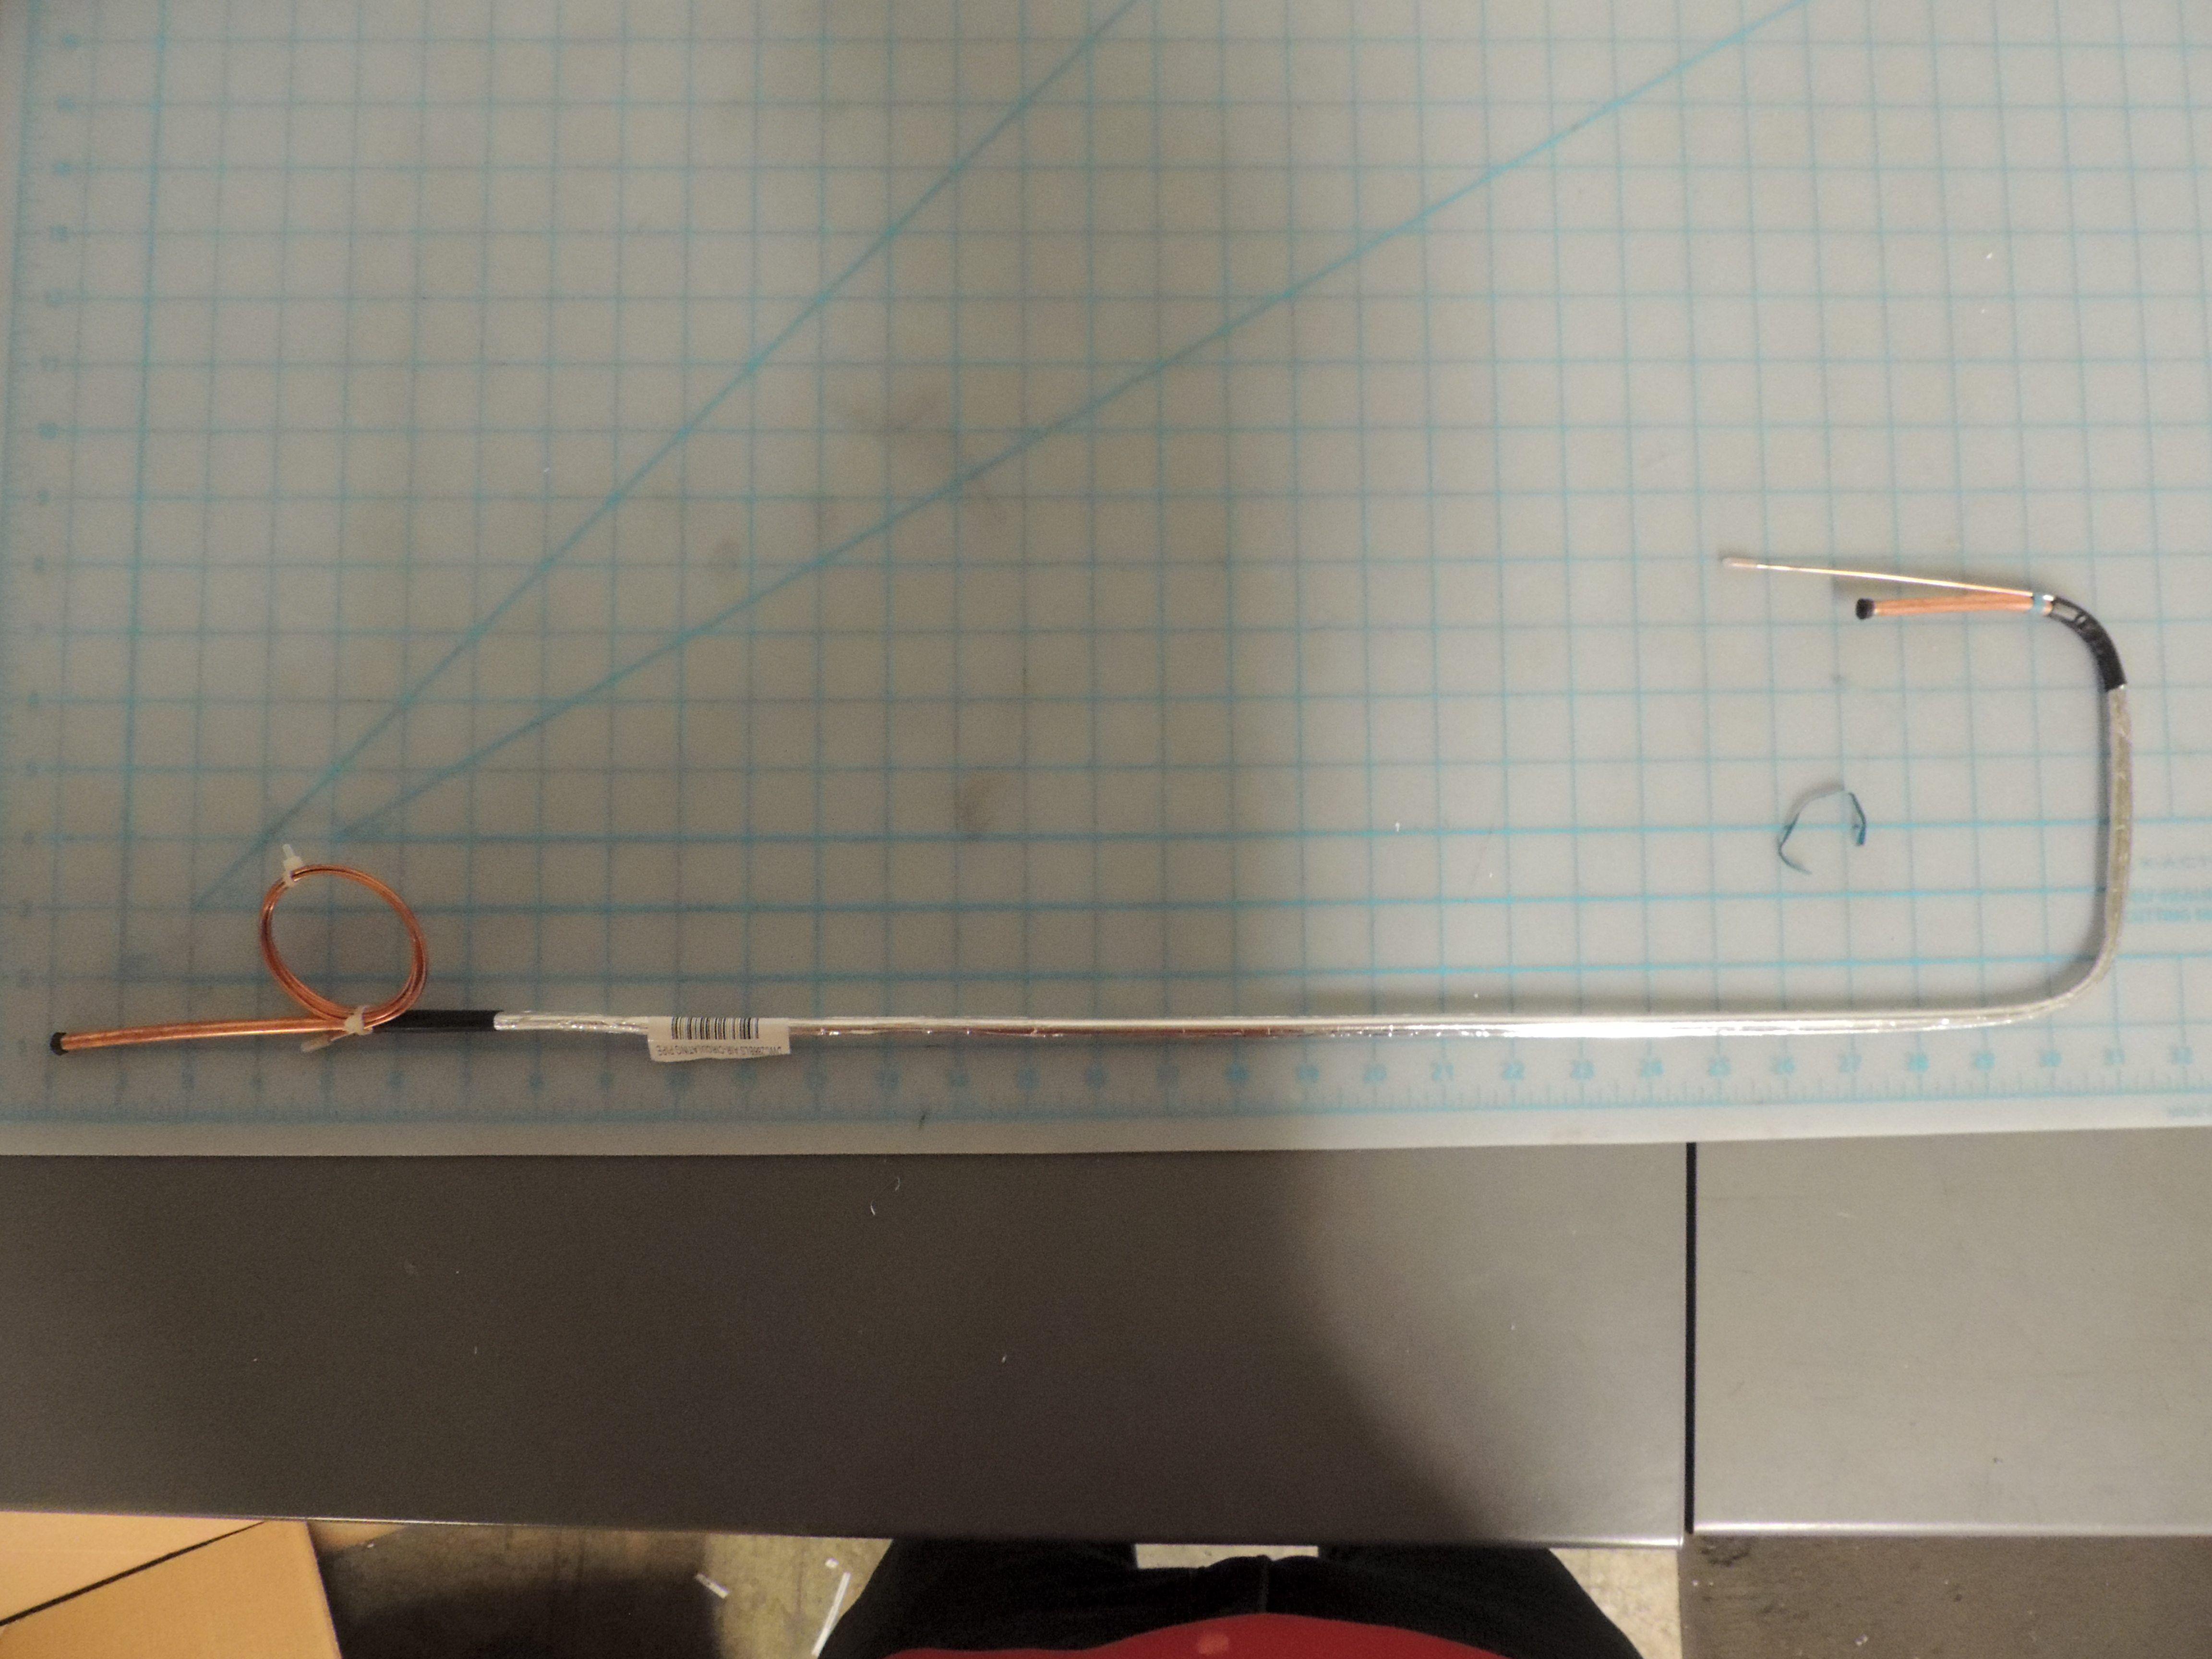 DWC286BLS AIR-CIRCULATING PIPE